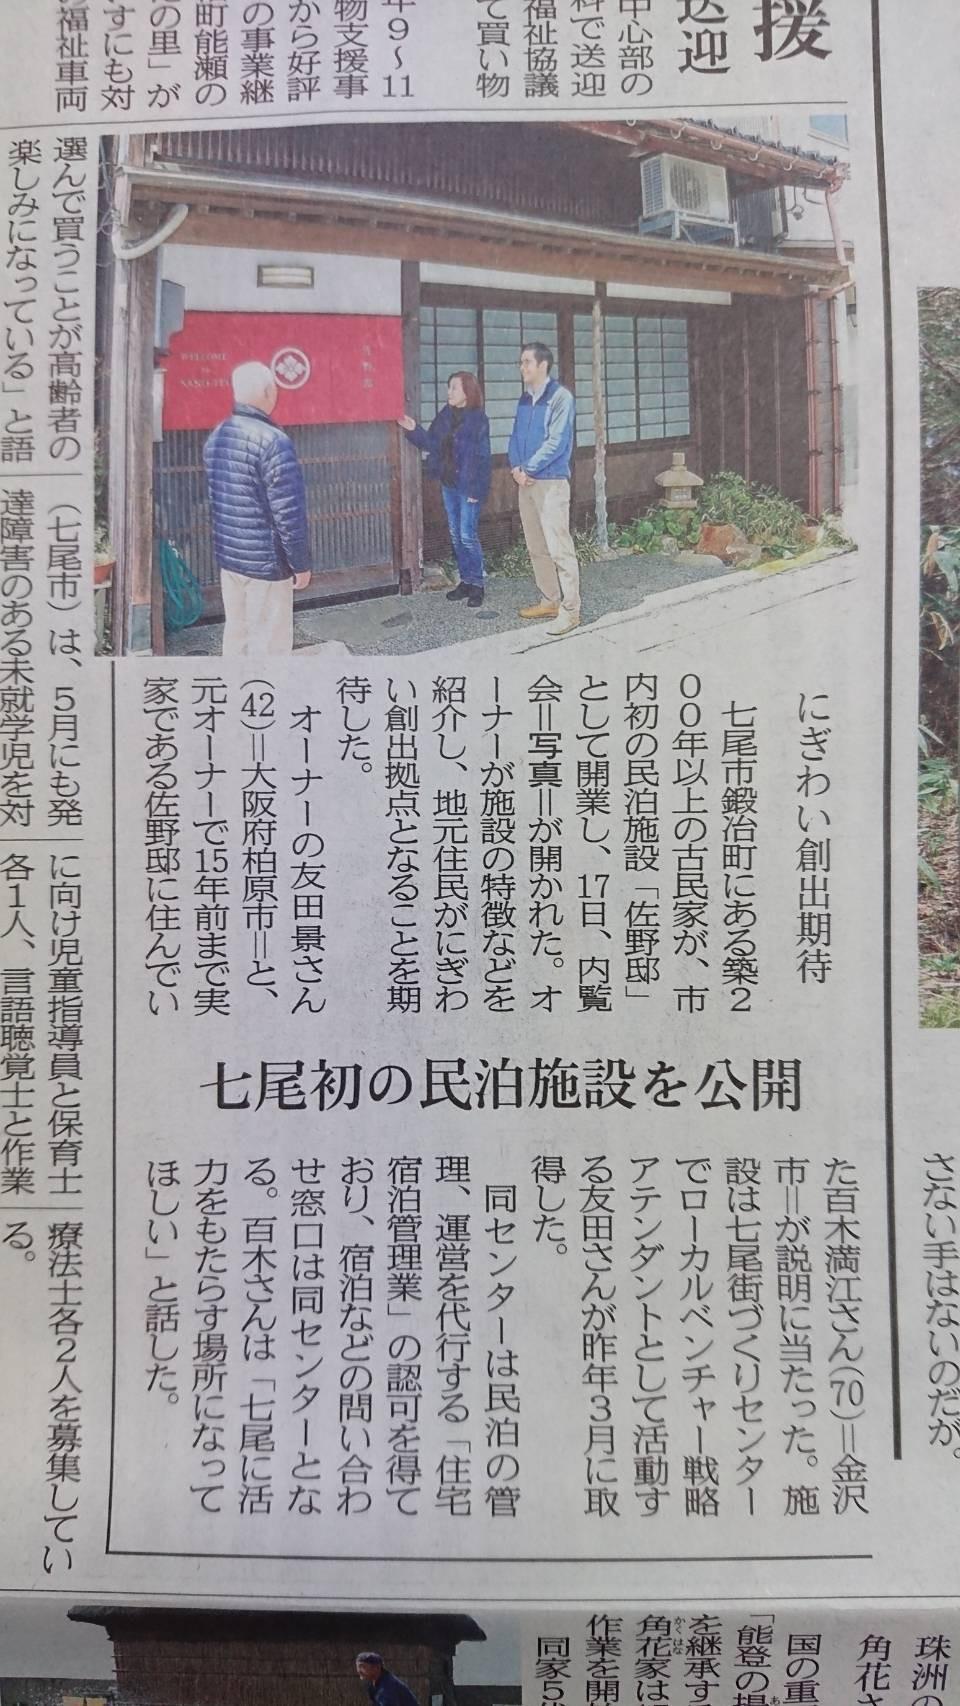 北國新聞掲載記事「にぎわい創出を期待!」